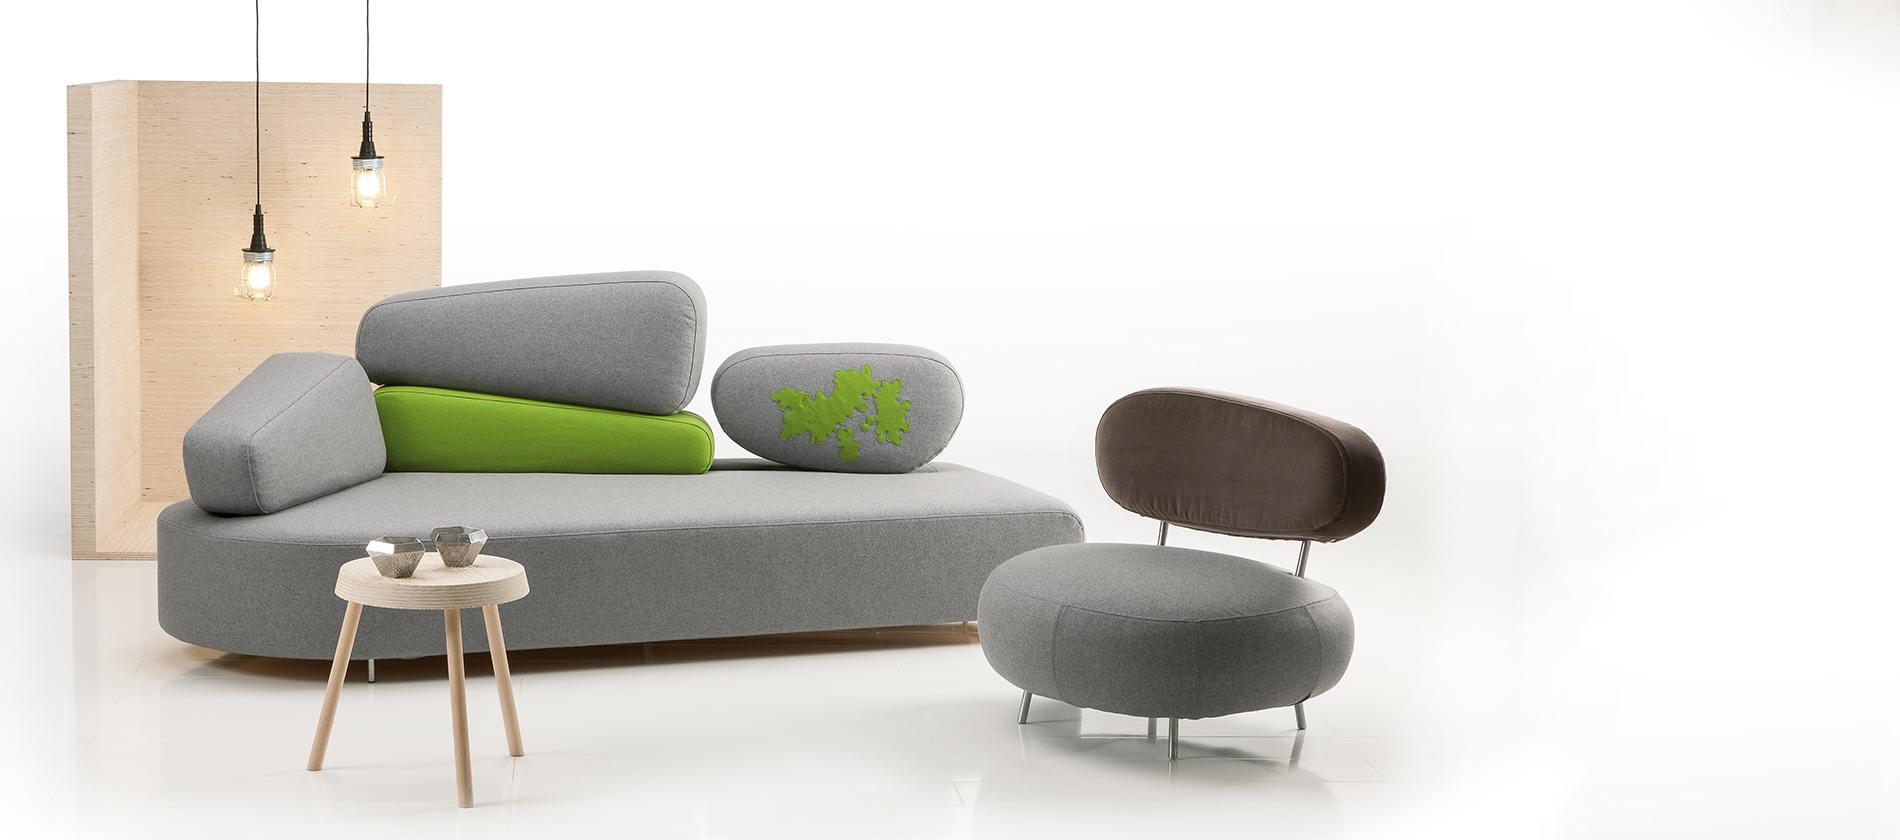 Sofa Mosspink Von Bruhl Design Schlafsofa Entdecken